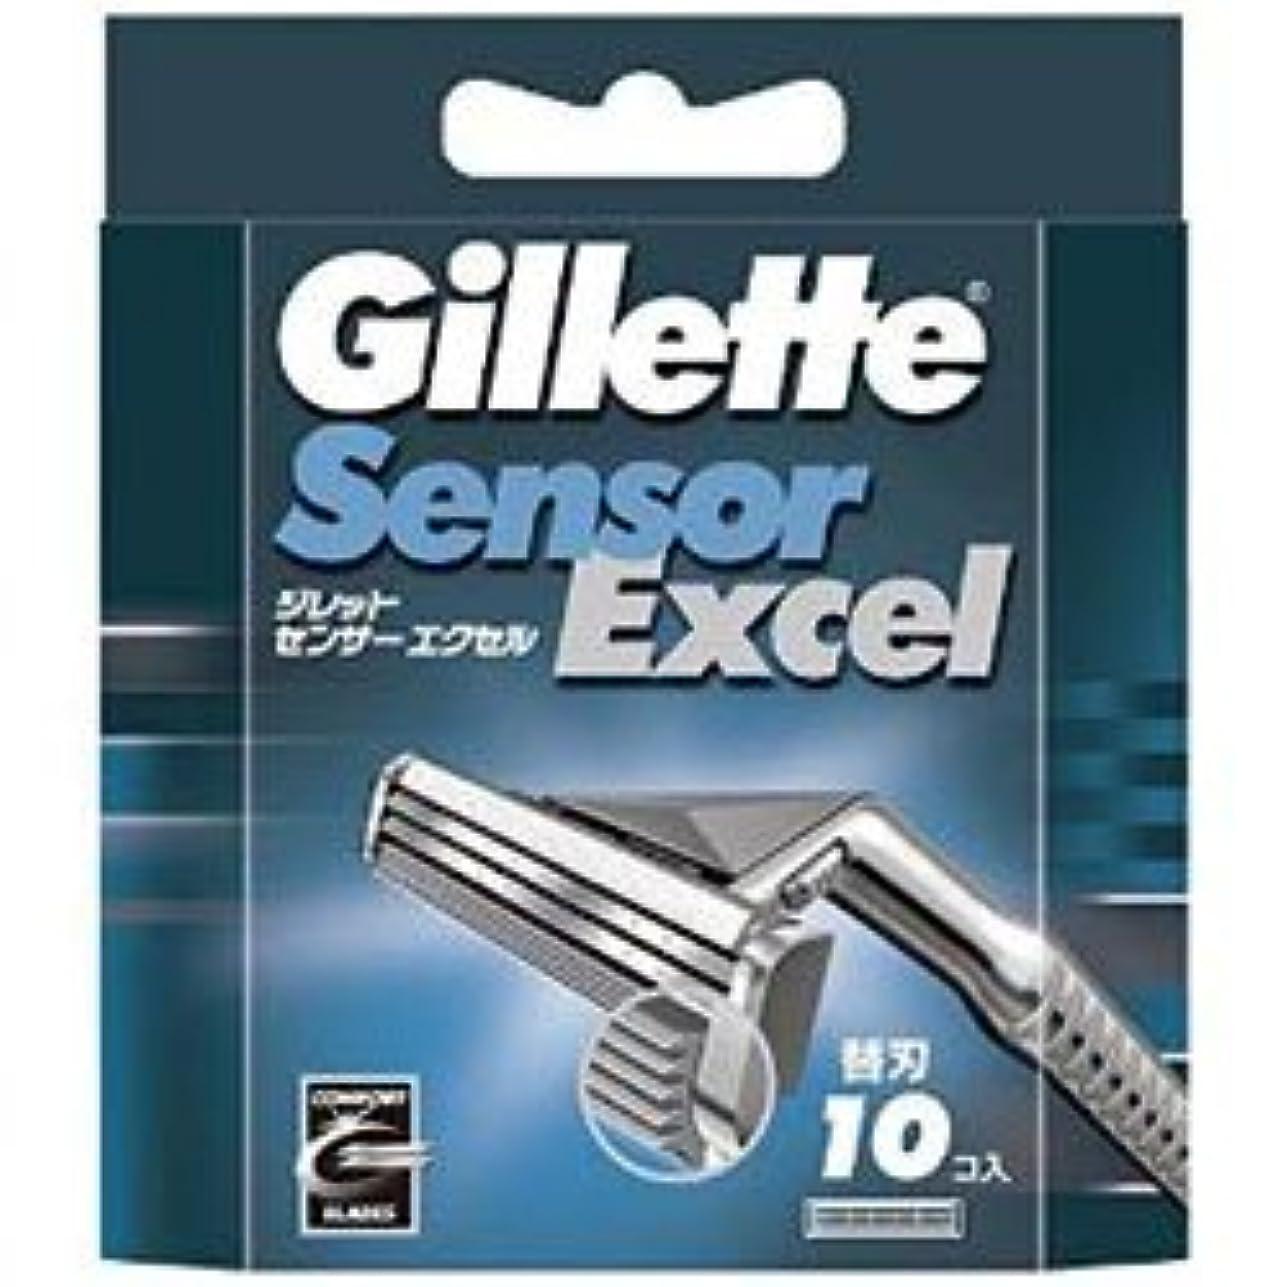 メダル数字貫通【P&G】ジレット センサーエクセル 専用替刃 10個入 ×3個セット